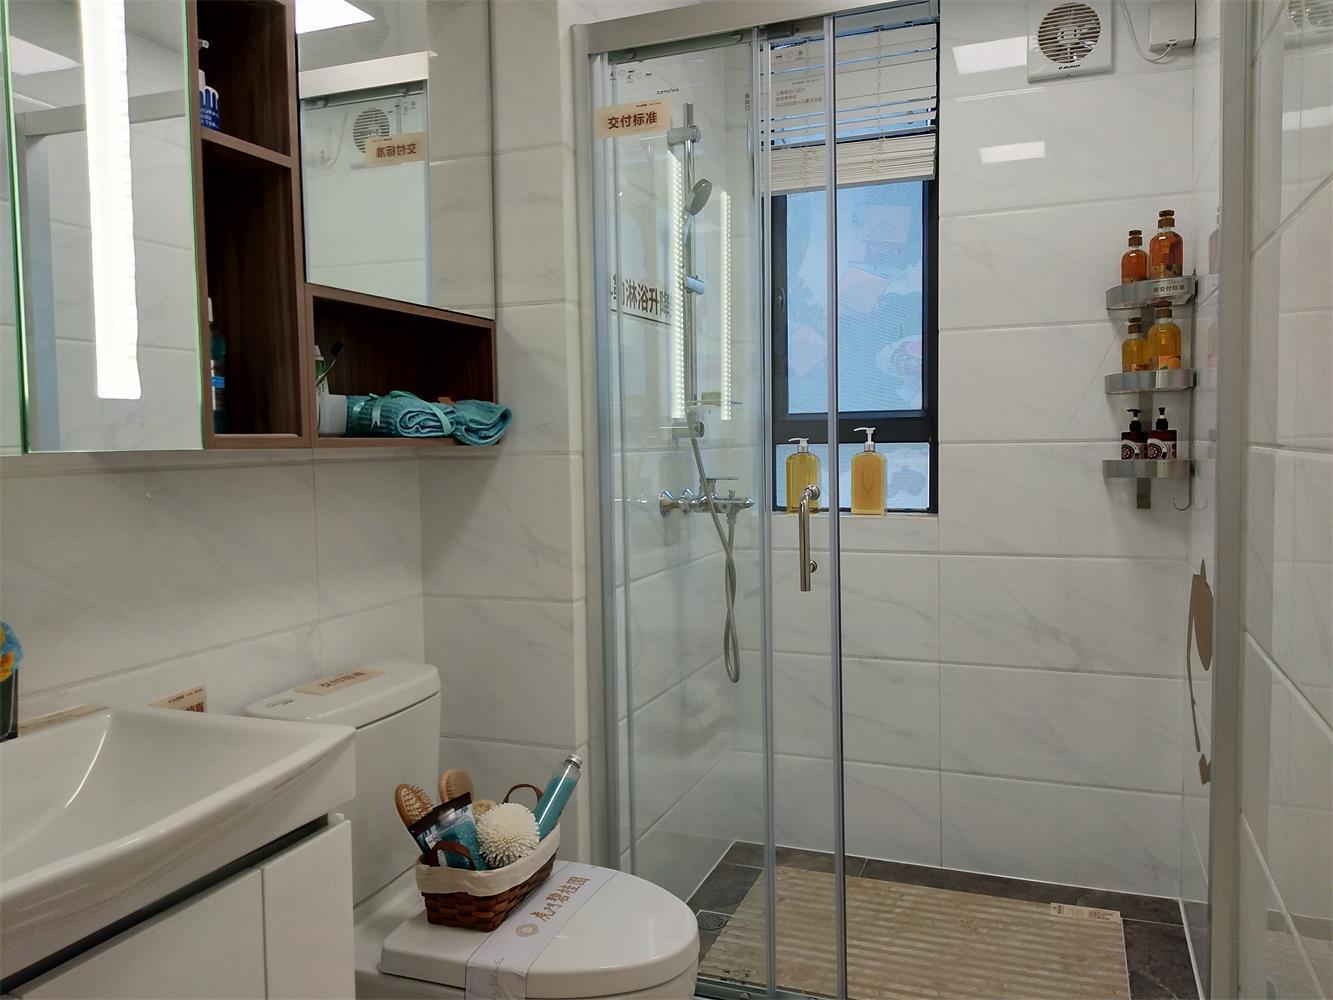 推推99房产网虎门碧桂园在售新房房源图片